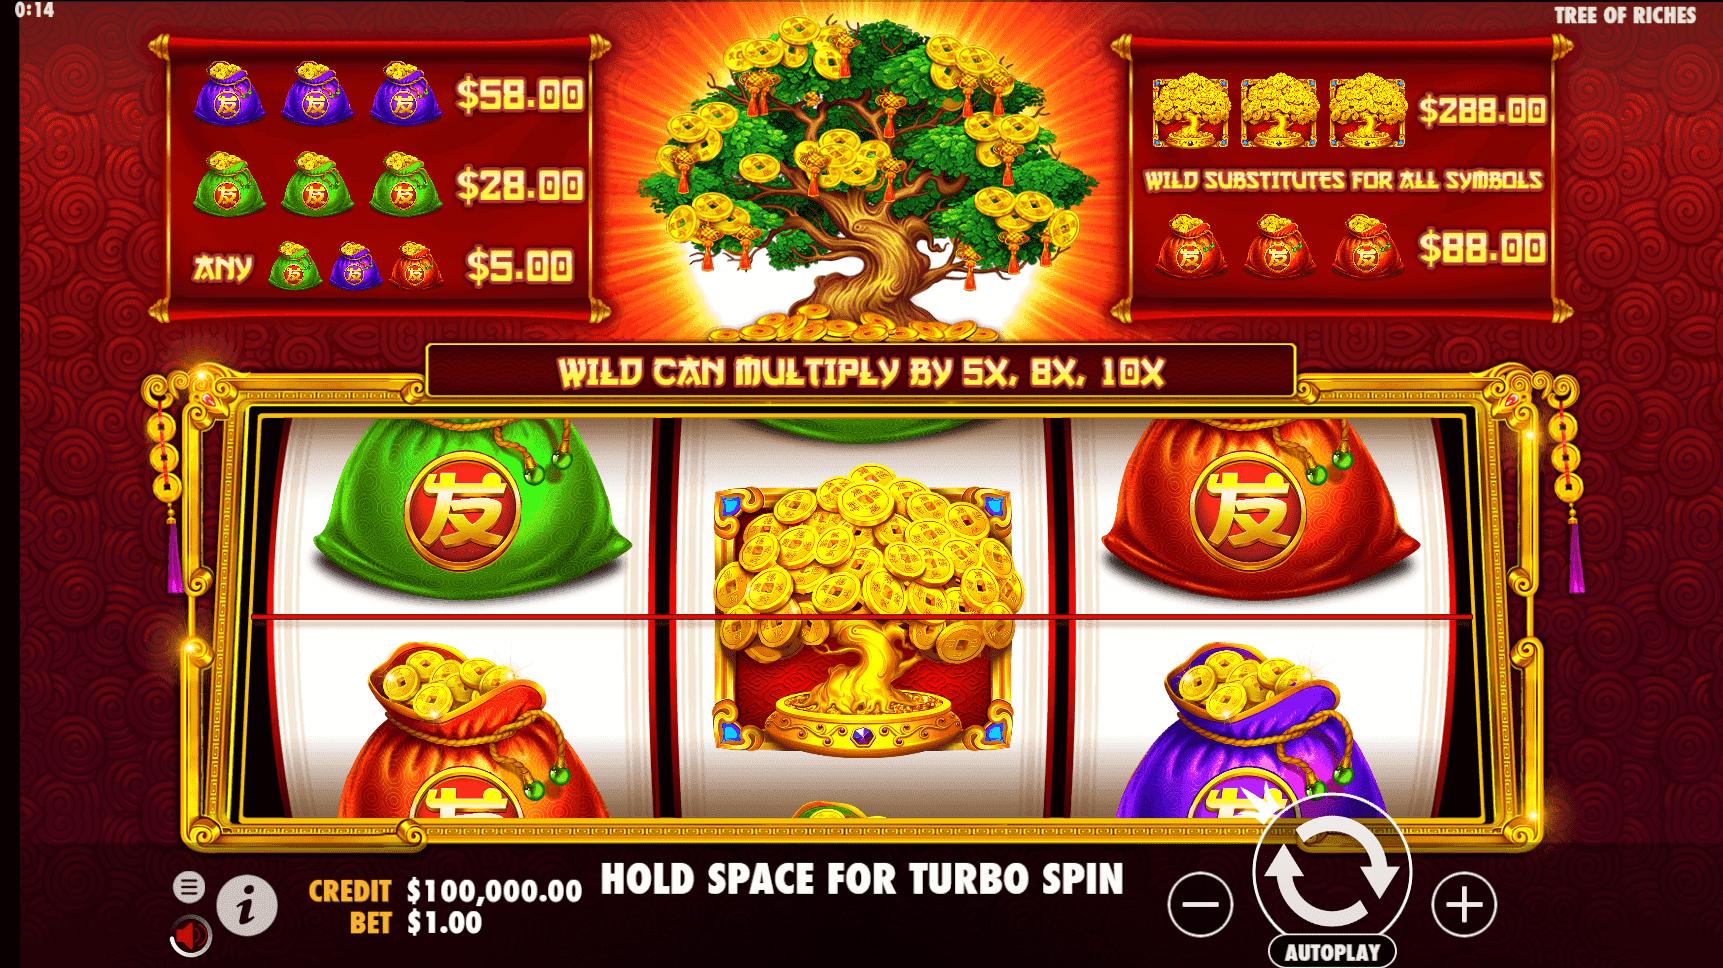 Tree of Riches slot machine screenshot